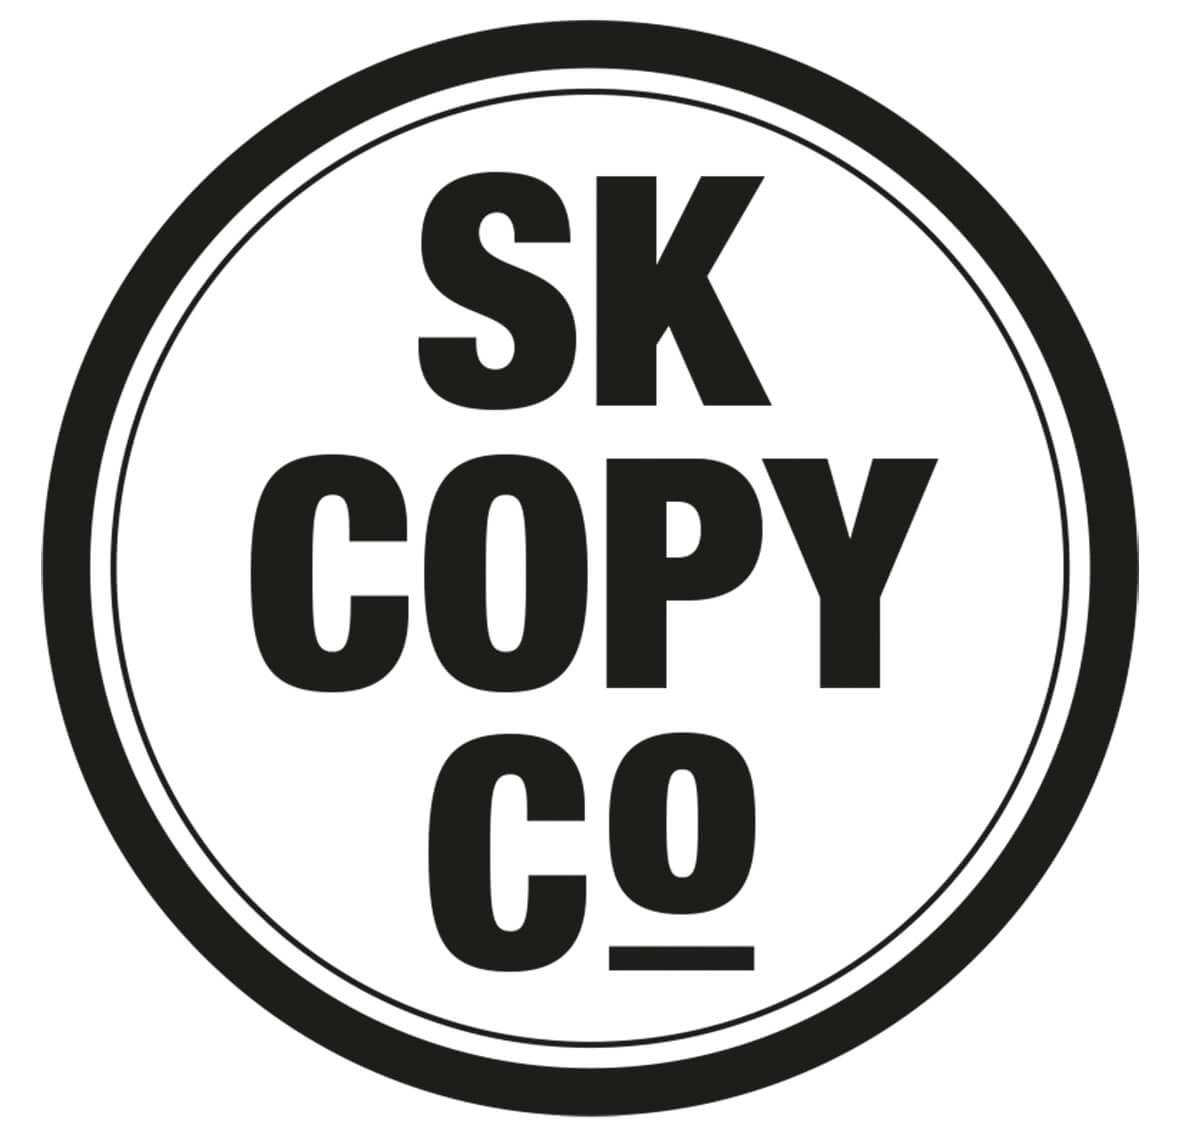 SK Copy Co